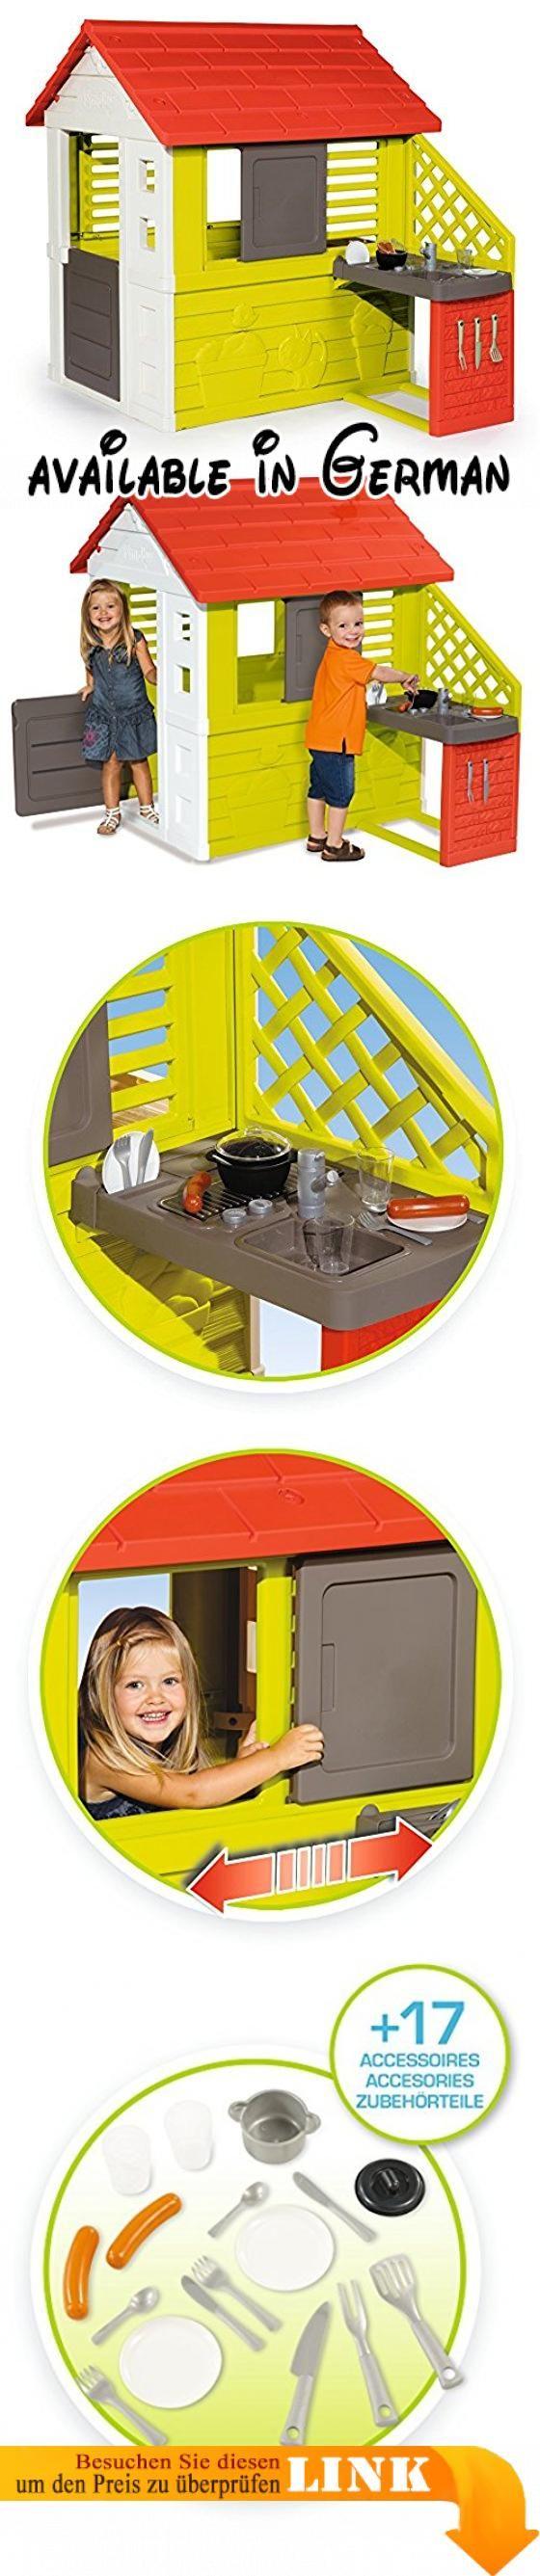 Smoby Spielhaus Mit Küche   Die Besten 25 Spielhaus Smoby Ideen Auf Pinterest Smoby Rutsche